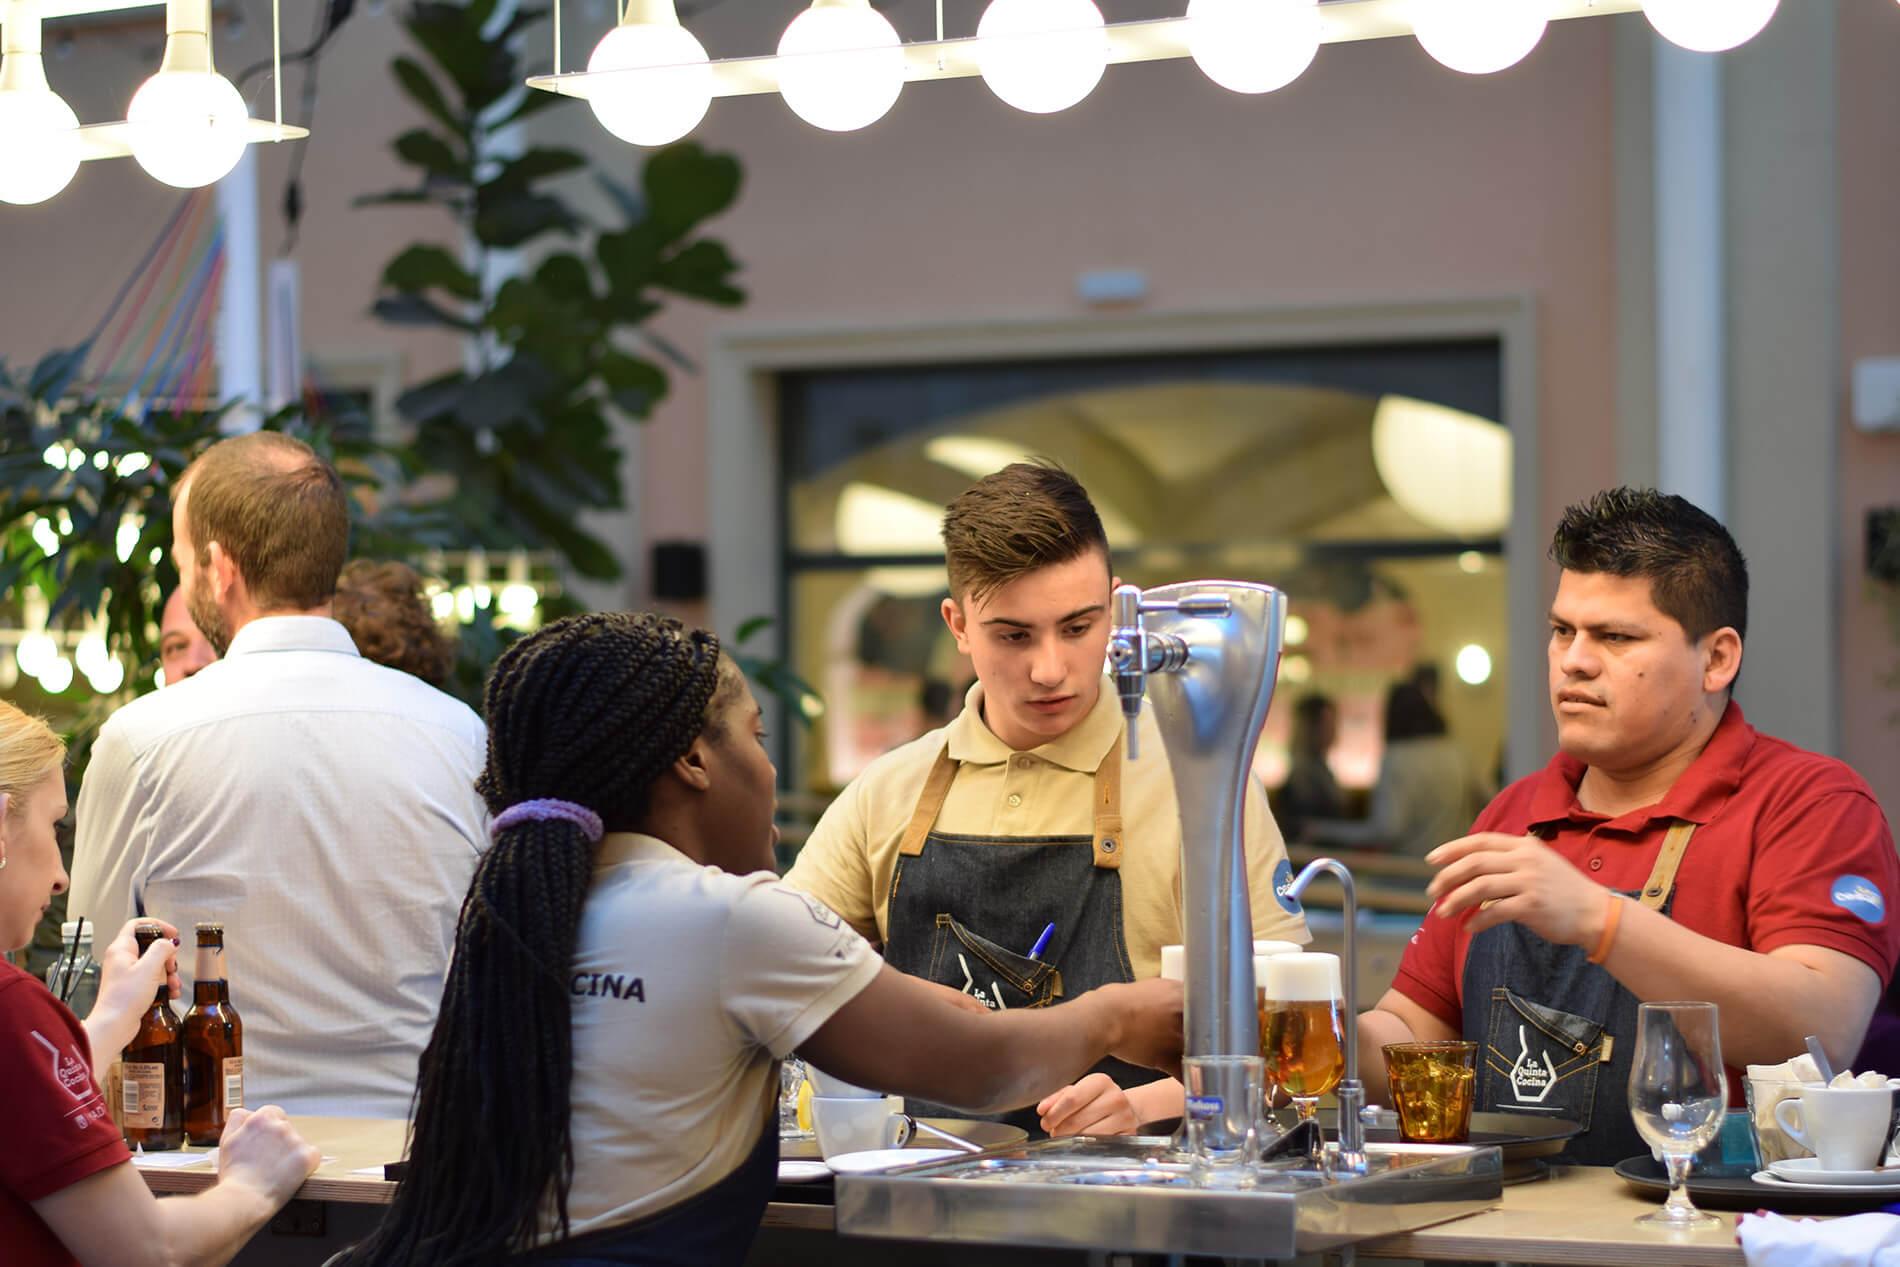 Escuela de hostelería La Quinta Cocina, en el Espacio Abierto La Quinta de los Molinos